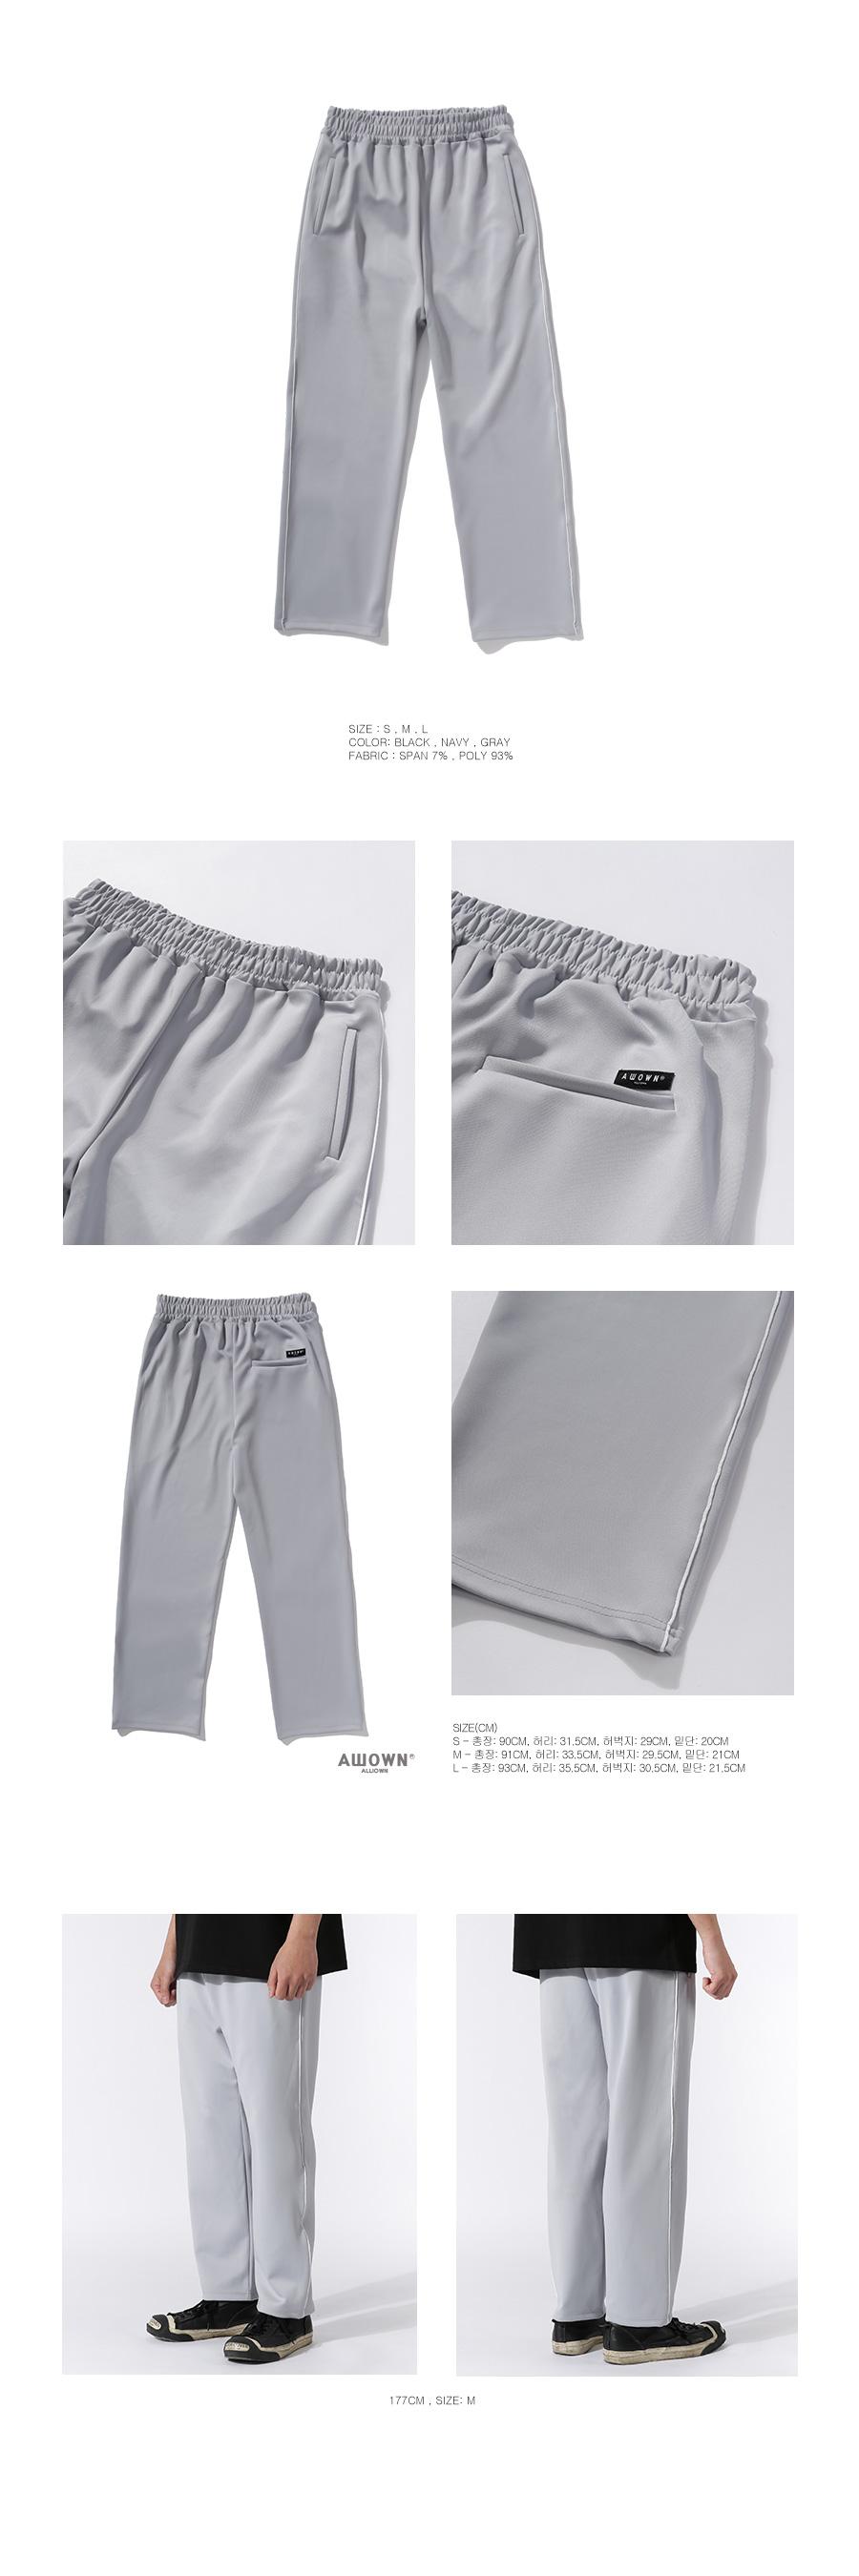 piping_traning_pants_gray.jpg